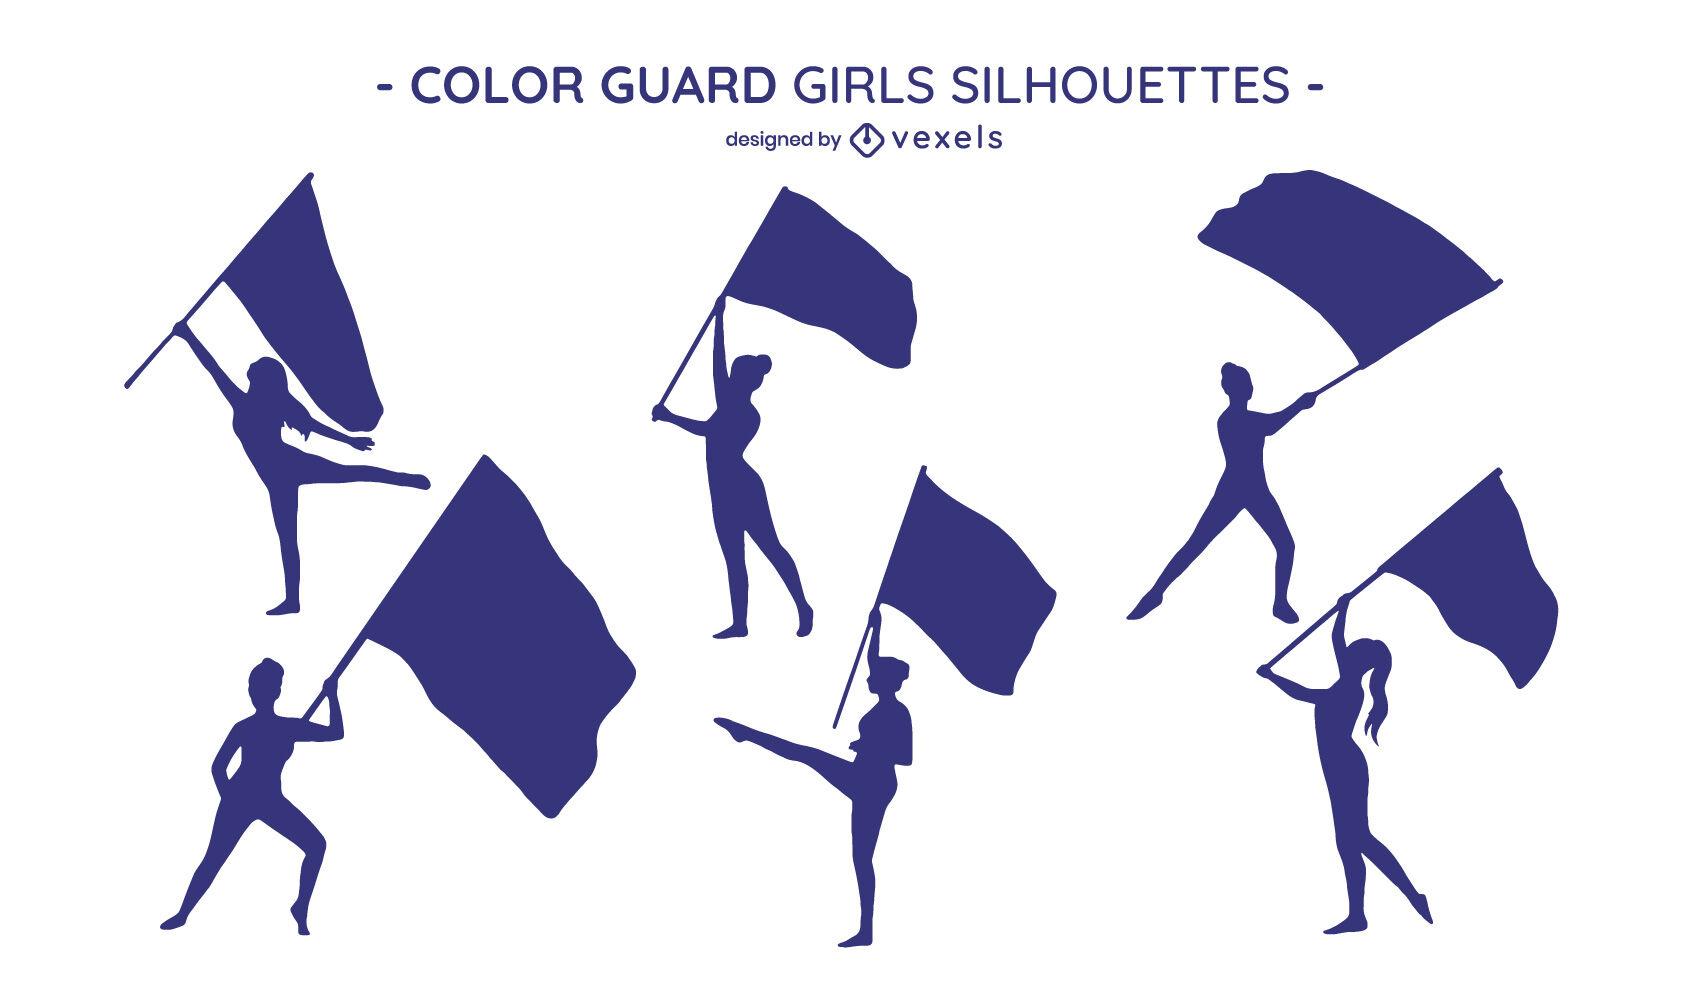 Chicas con banderas silueta escenografía